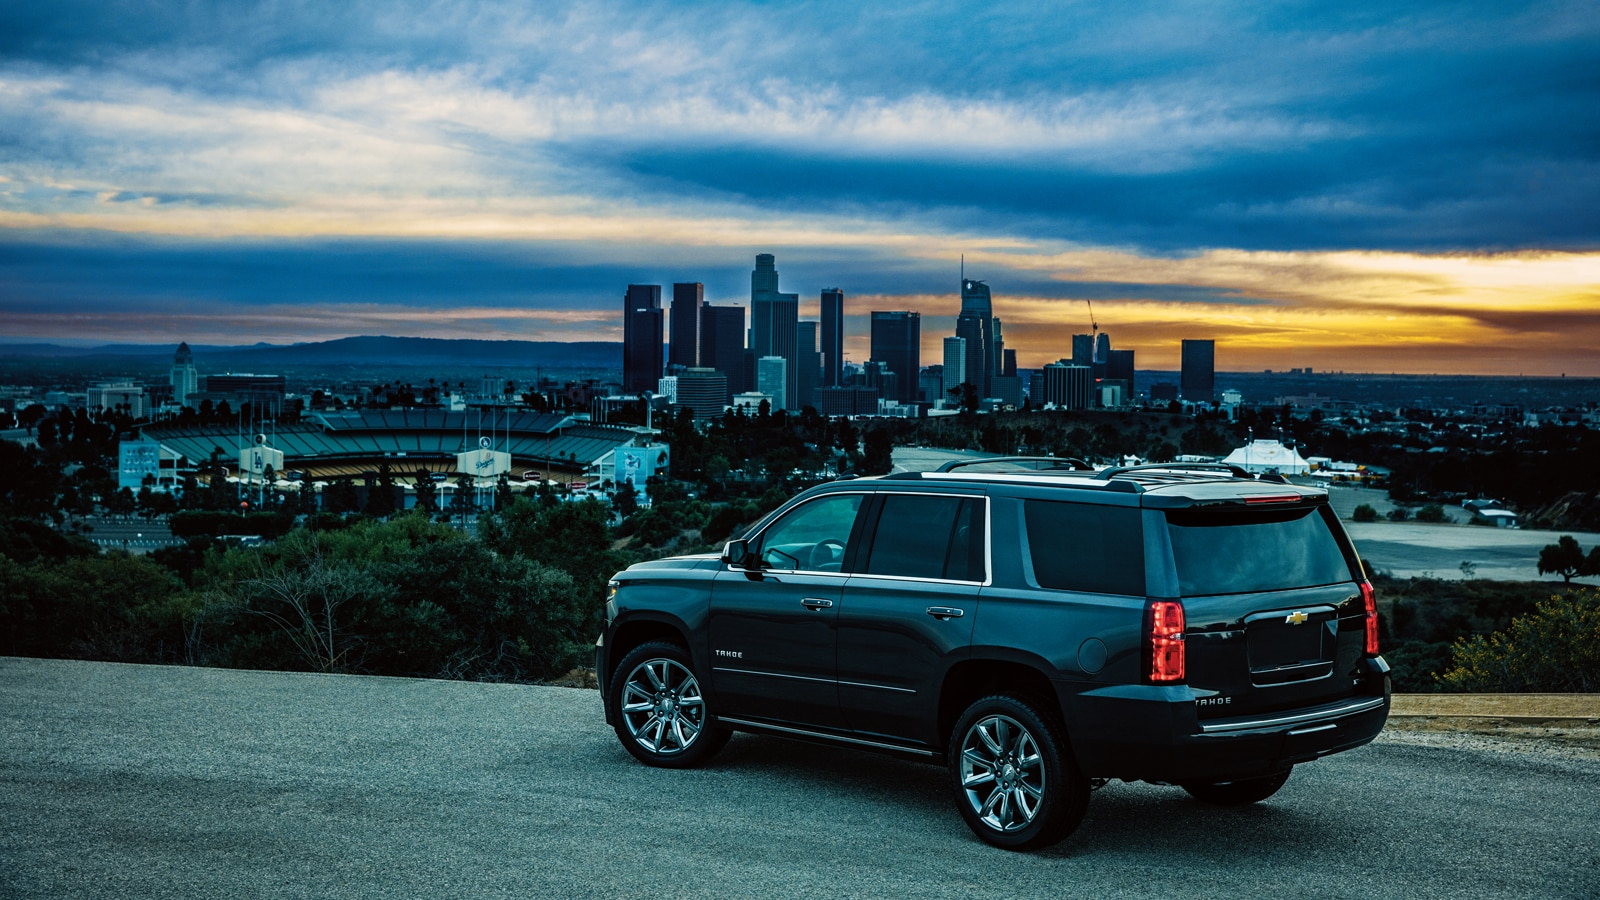 Una Chevy Tahoe 2018 al costado de la carretera en una colina ignorando el horizonte de Los Ángeles.